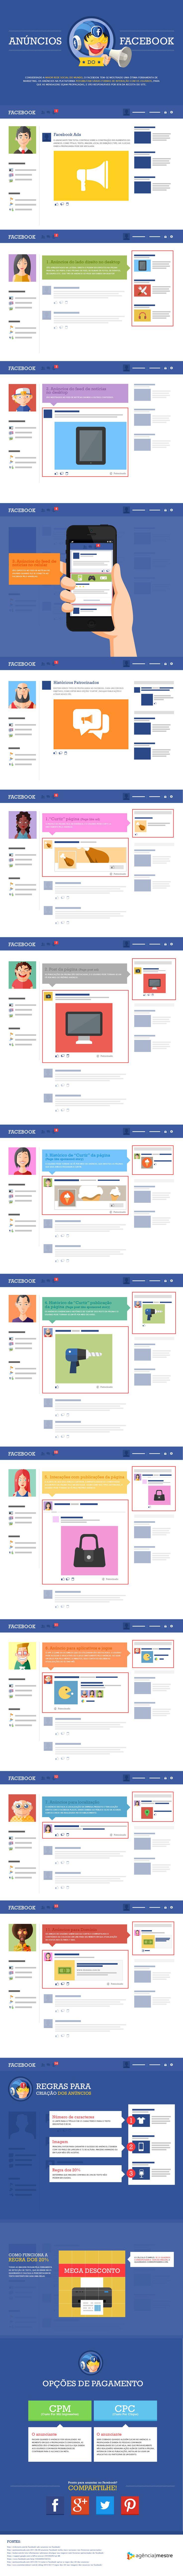 Entenda todas as formas de anúncios do Facebook de um jeito bem didático - Comunicadores.info